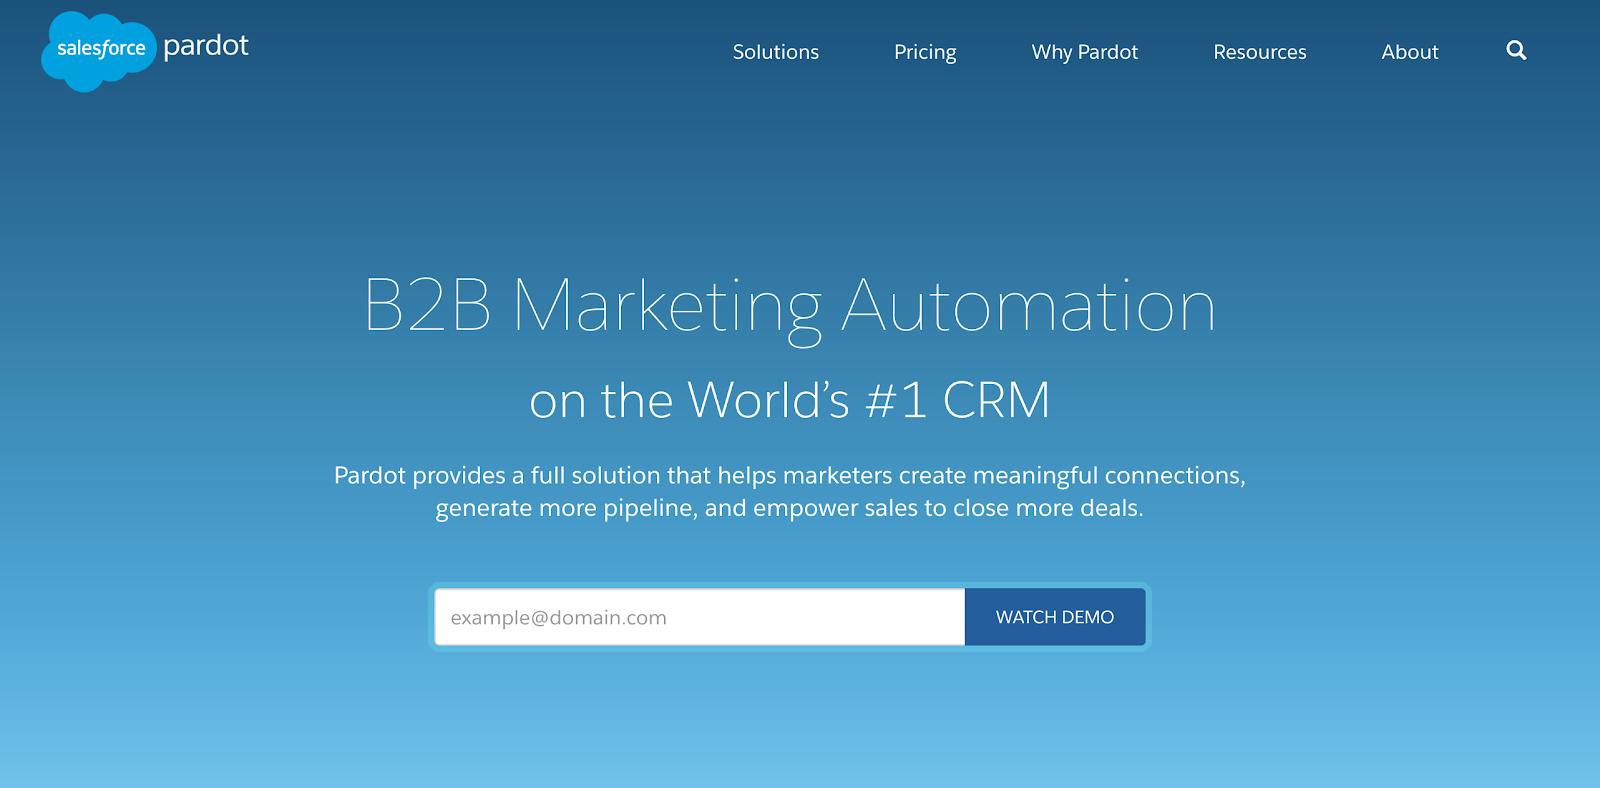 Pardot: Marketing-Automation-Plattform für B2B